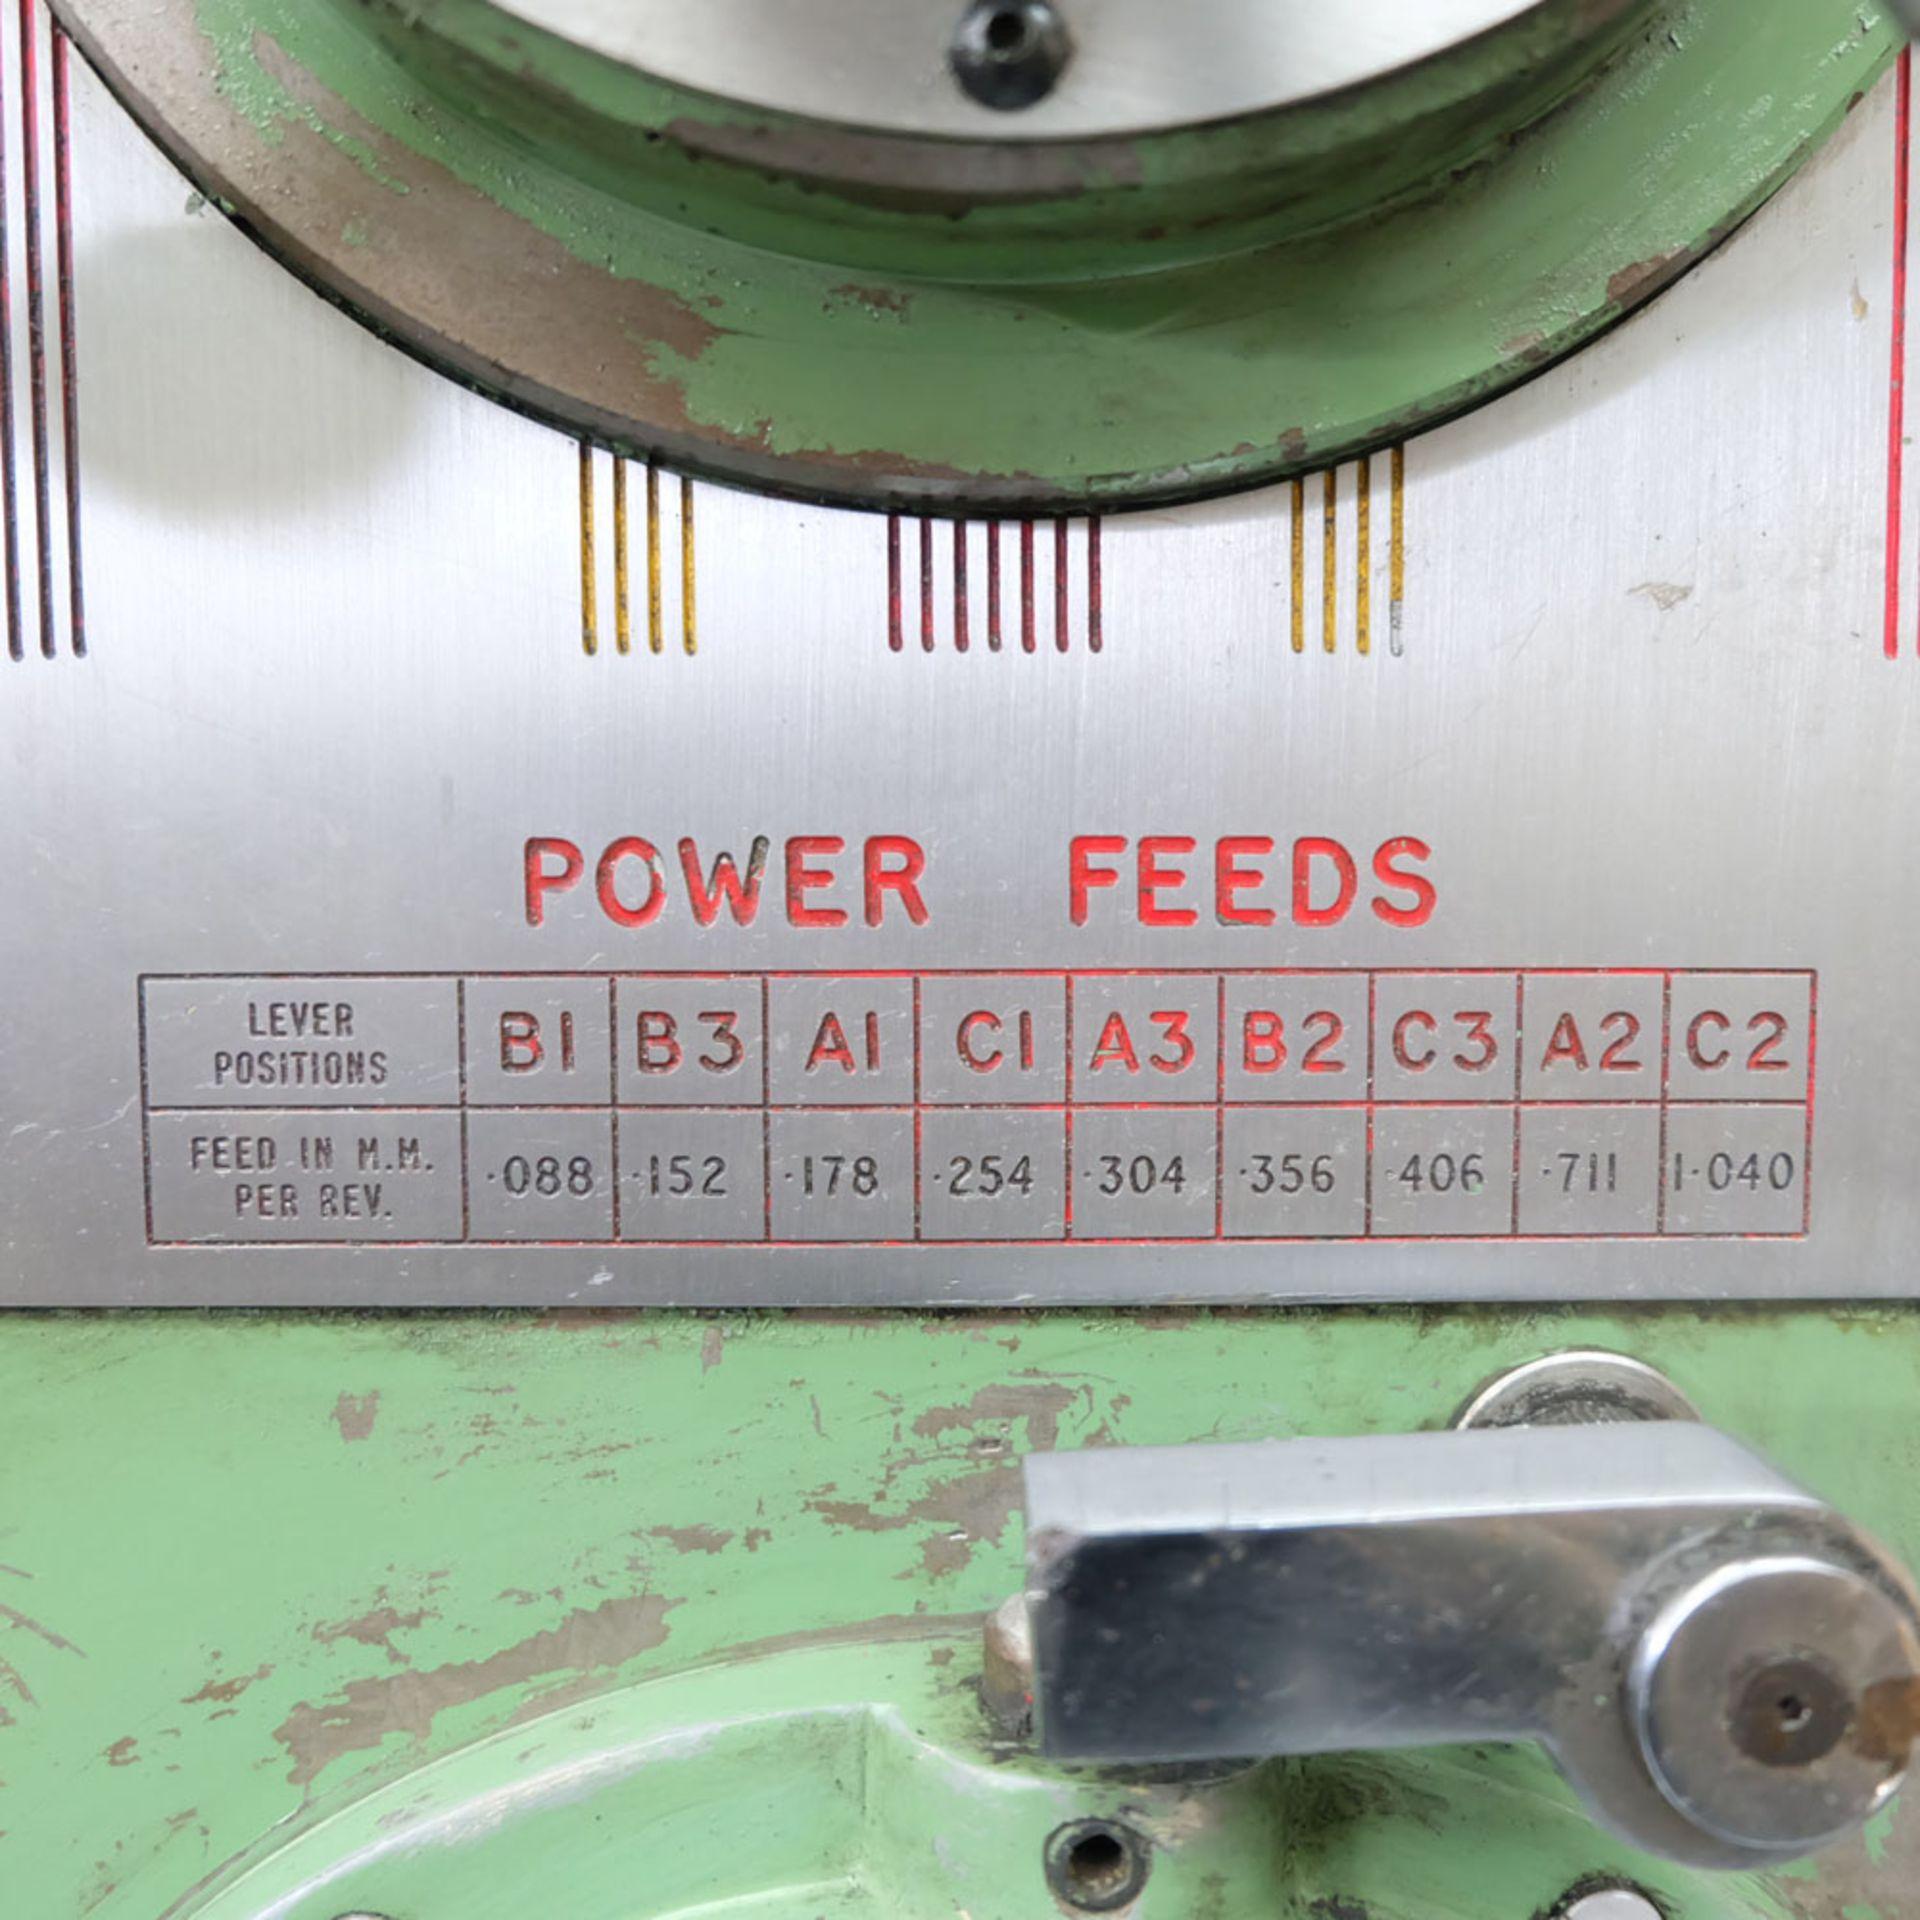 Kitchen-Walker Model E50-1400 4 1/2 FT Radial Alarm Drill. - Image 5 of 16